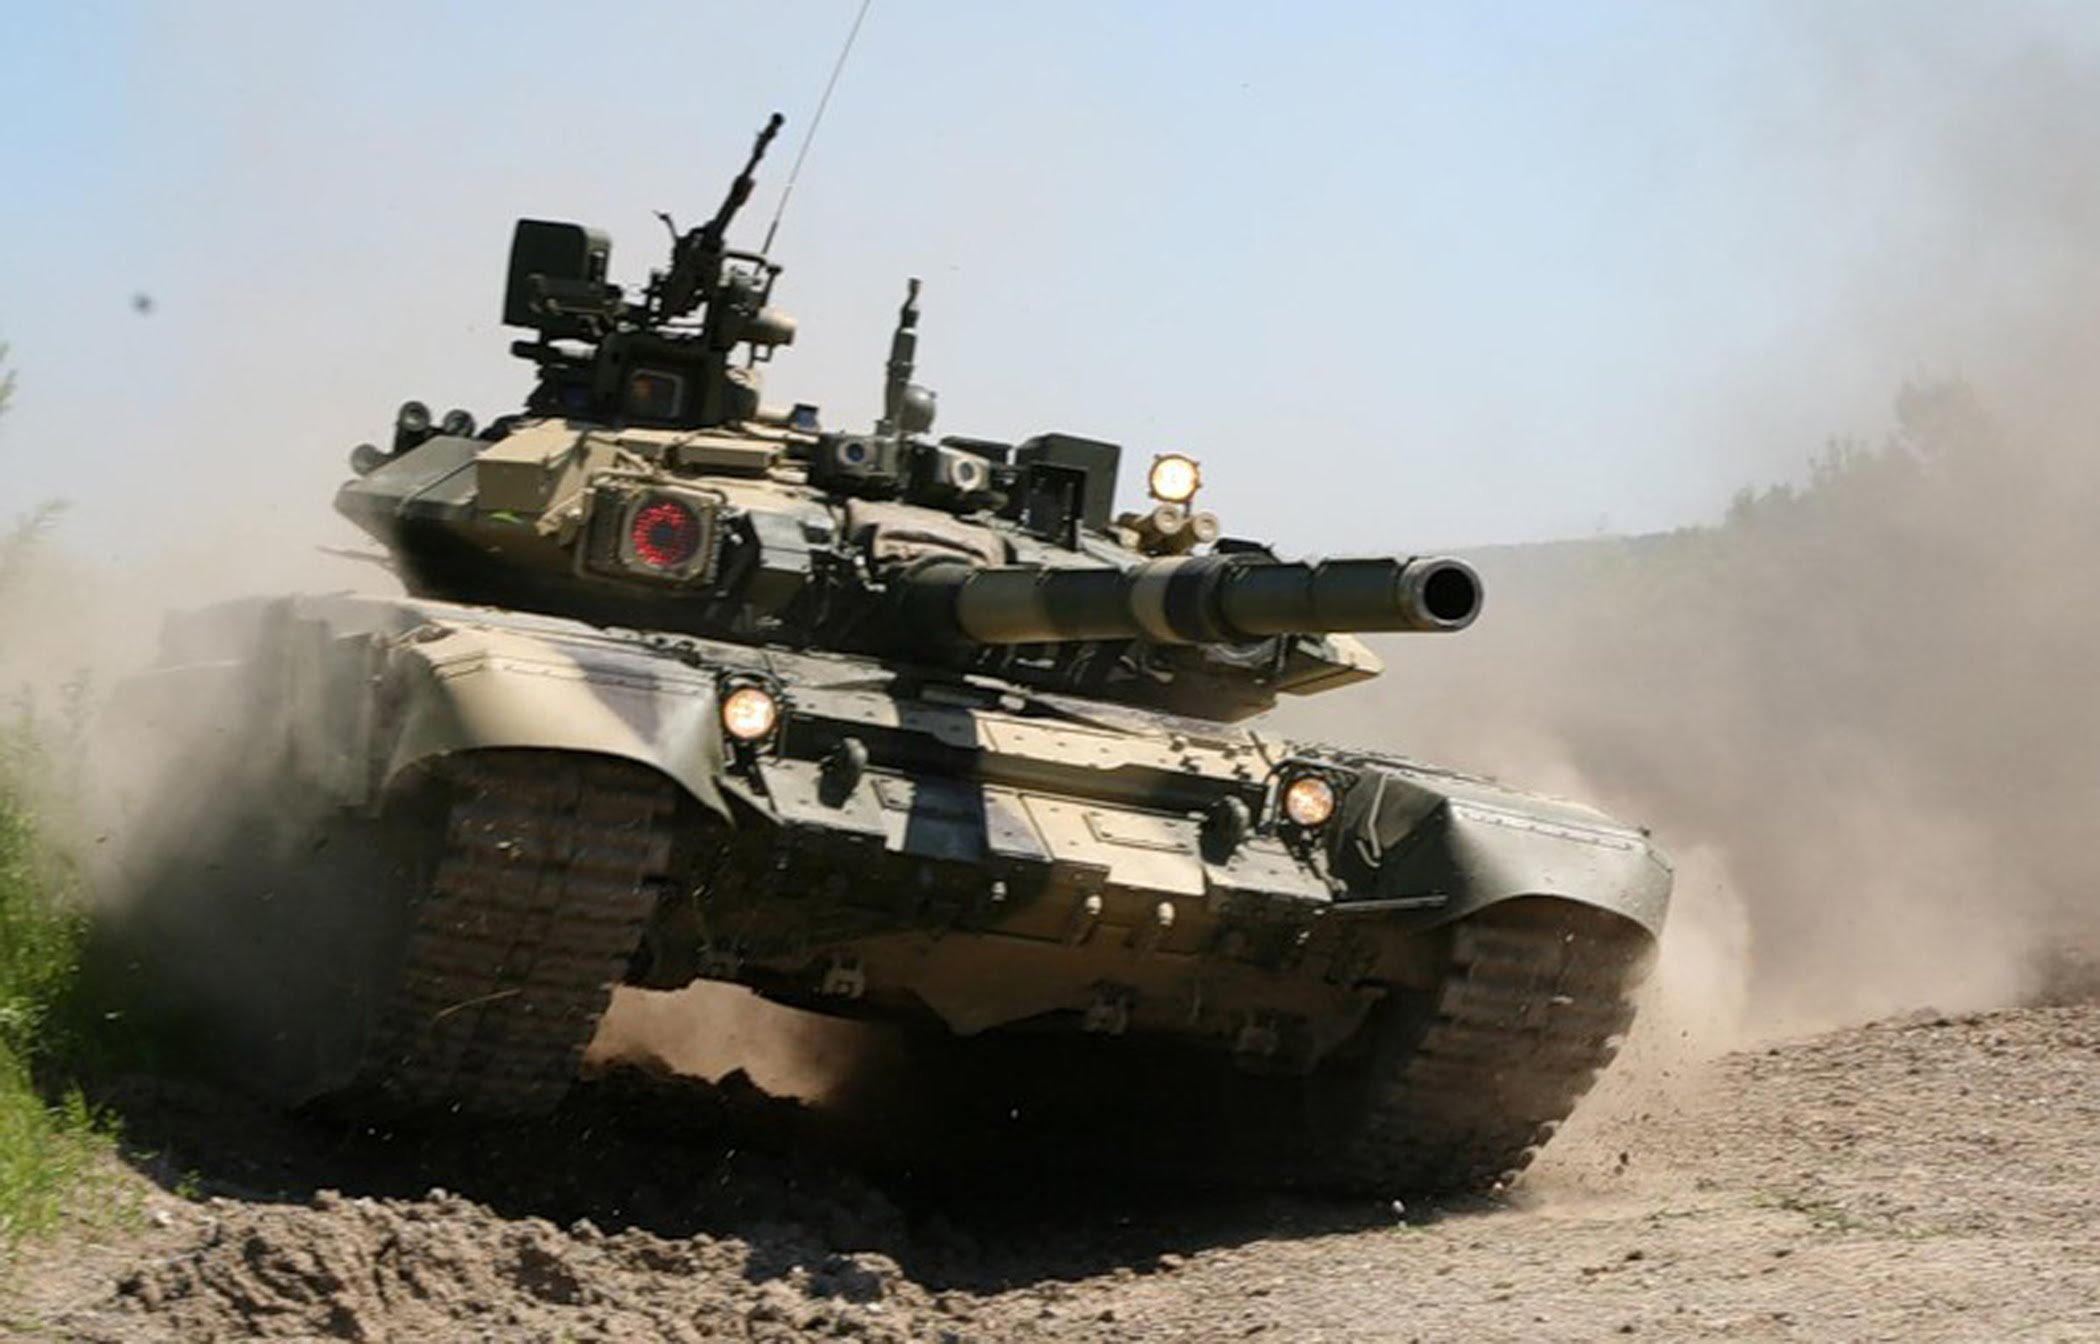 صورة الأسد يبدأ الحرب ضد الجيش التركي في ليبيا.. آلاف المقاتلين لدعم حفتر